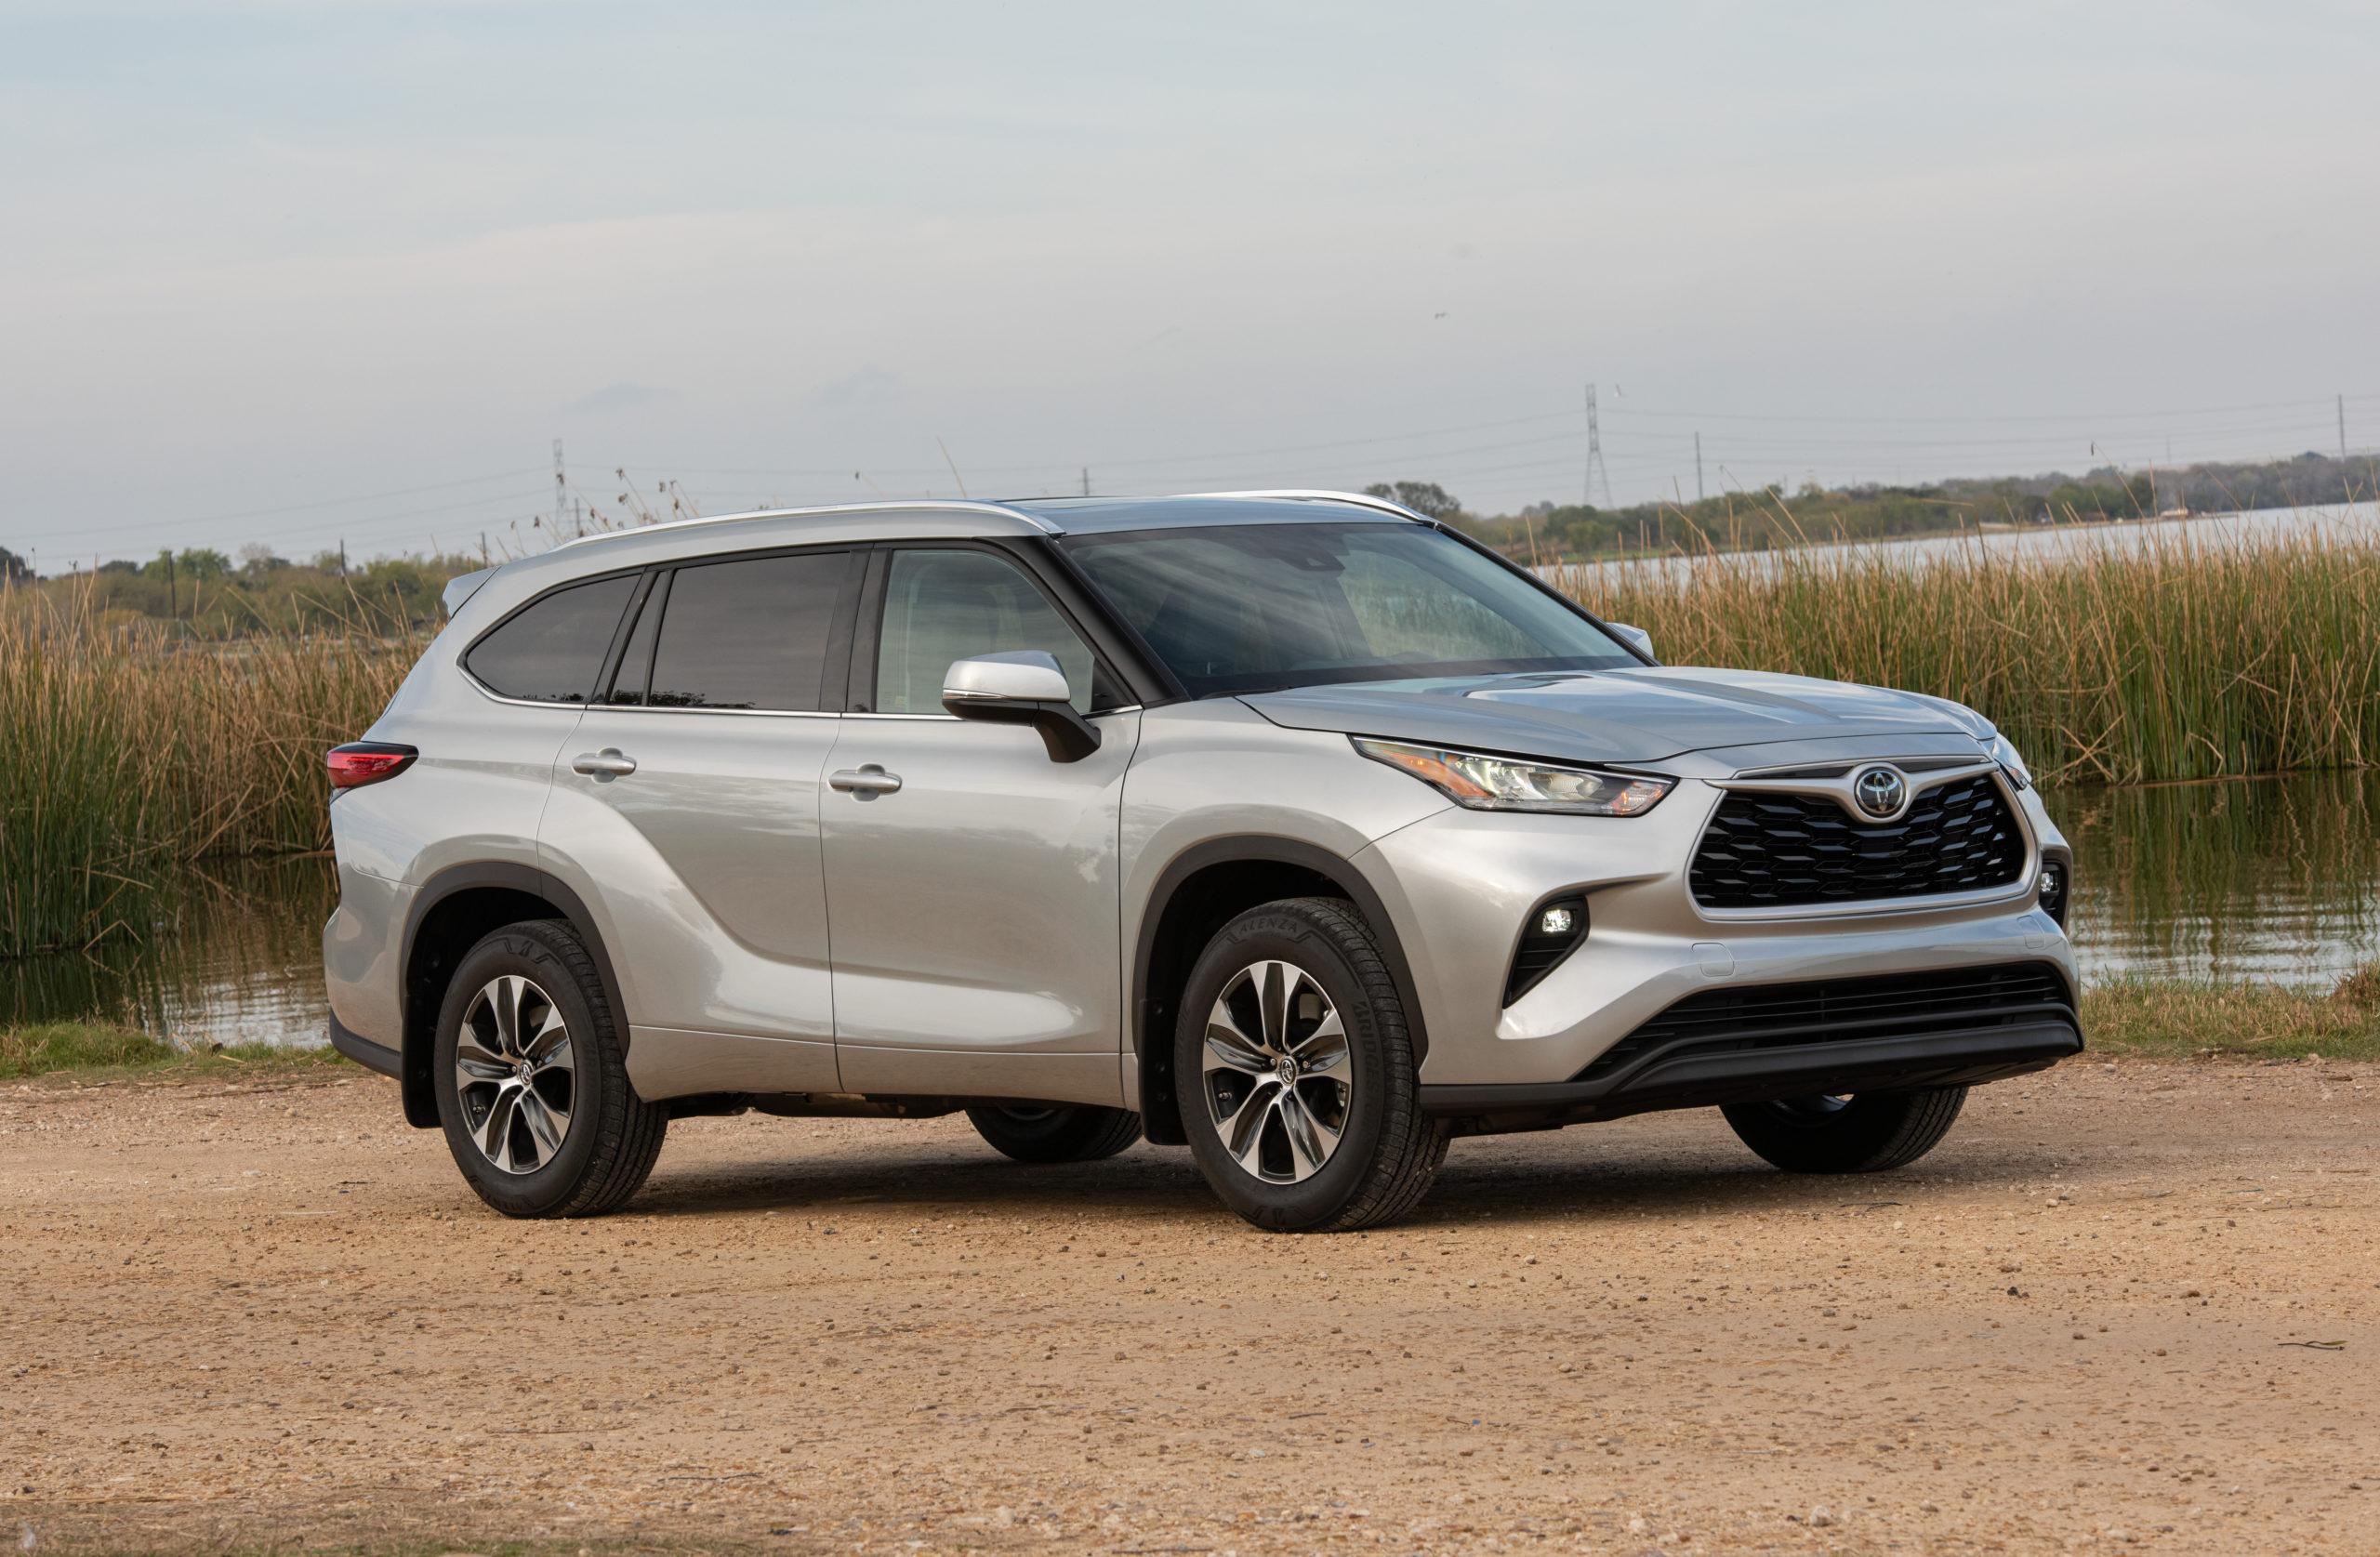 Toyota 2020 Highlander Has Extensive High Strength Steel Safety Sense 2 0 Adas Repairer Driven Newsrepairer Driven News